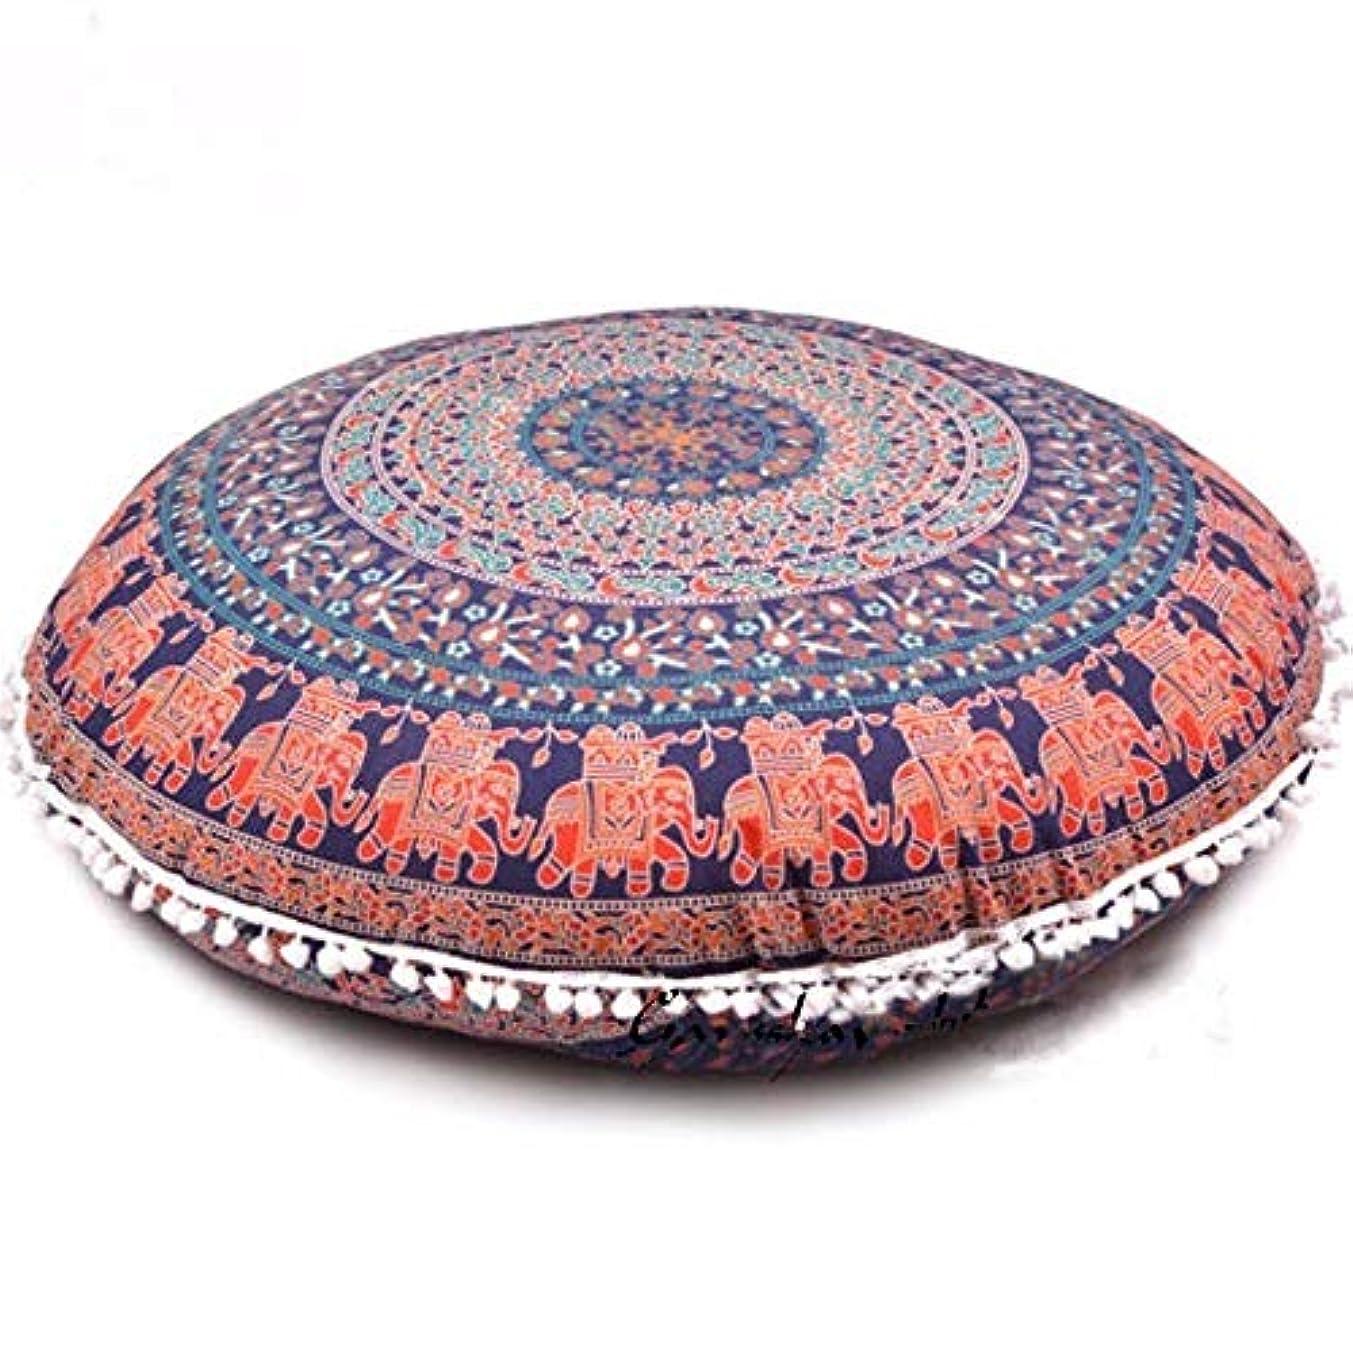 アルプス川出発するLIFE2017 カラフルな曼荼羅床枕オットマンラウンドボヘミアン瞑想クッション枕プーフクッション 椅子